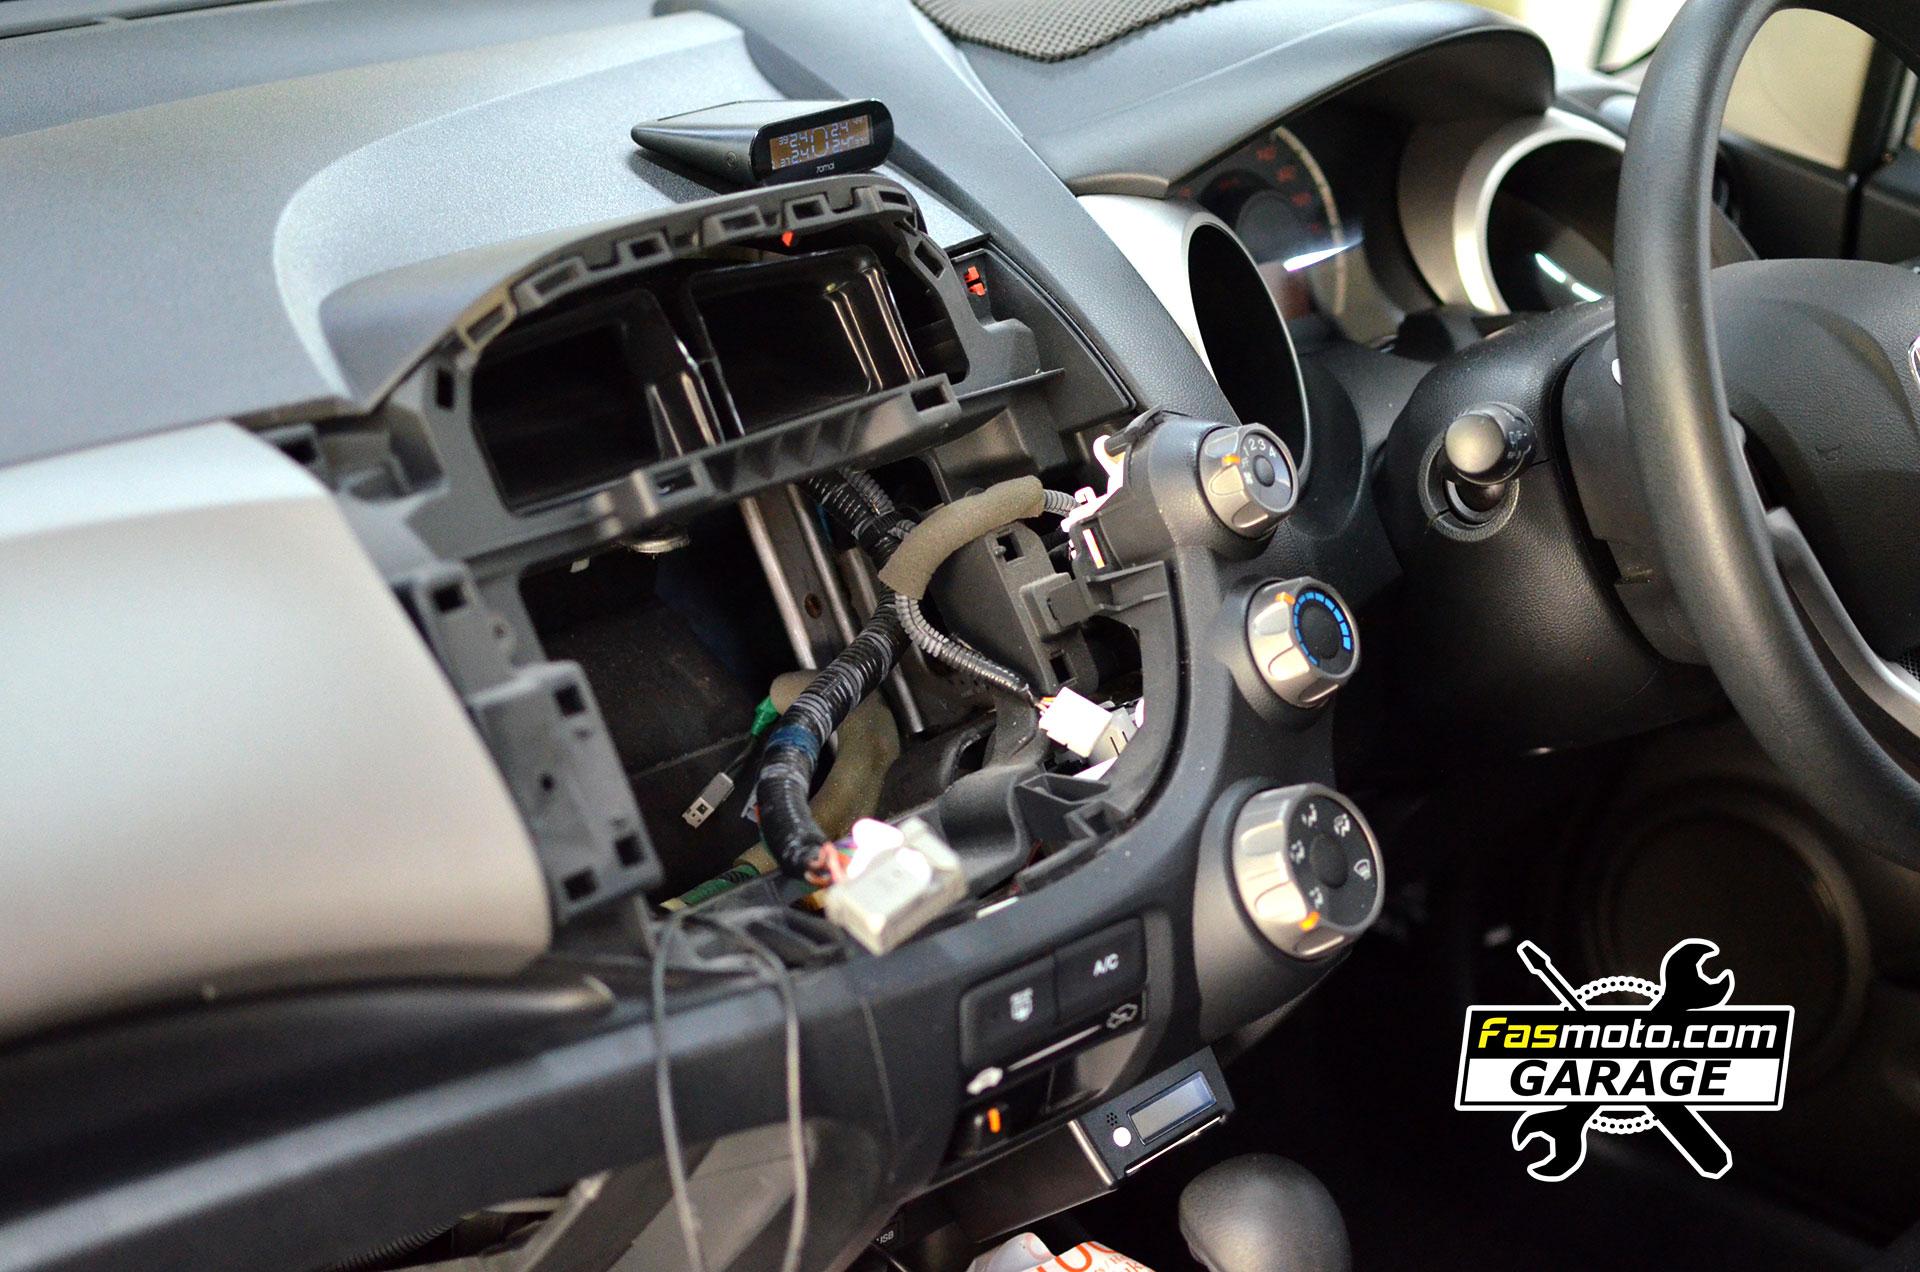 Honda Jazz 2nd Gen Sony XAV-AX3000 Install